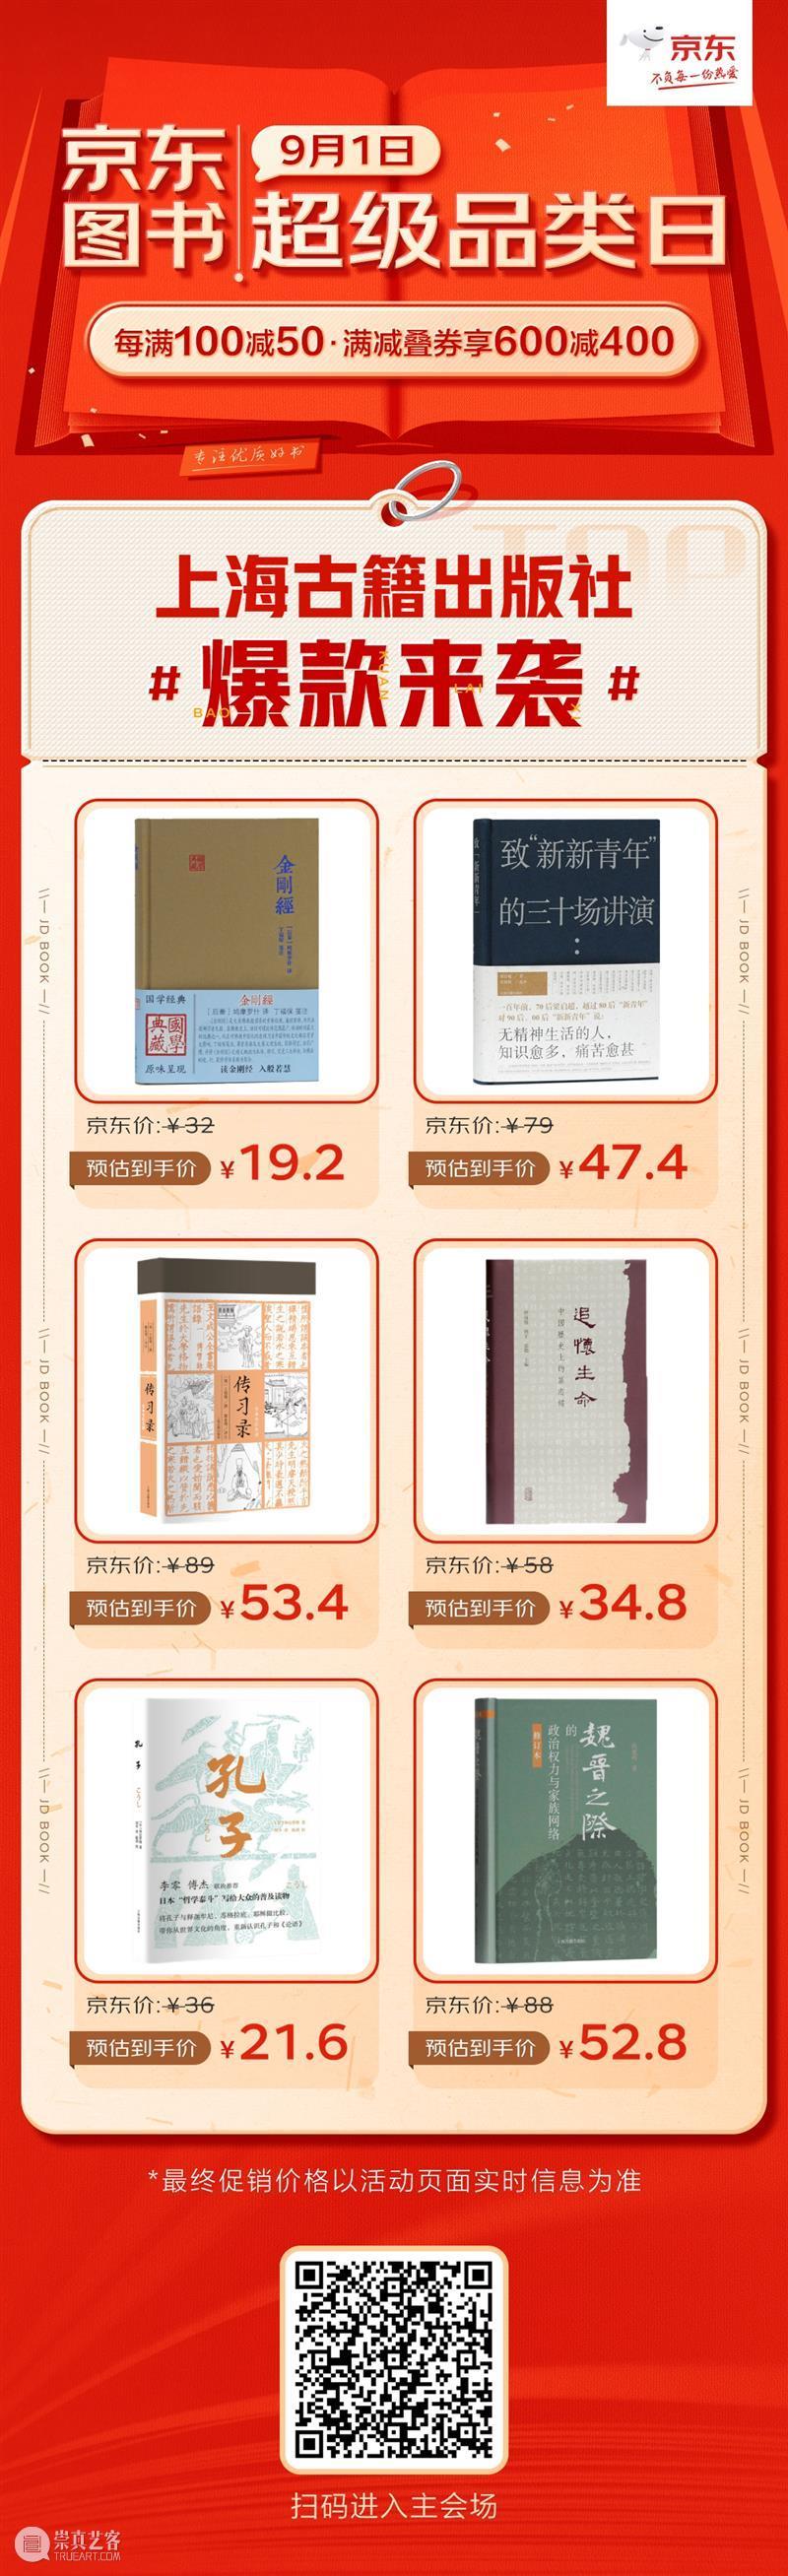 京东图书9月1日超级品类日开启,每满100减50,满减叠券享600减400 崇真艺客